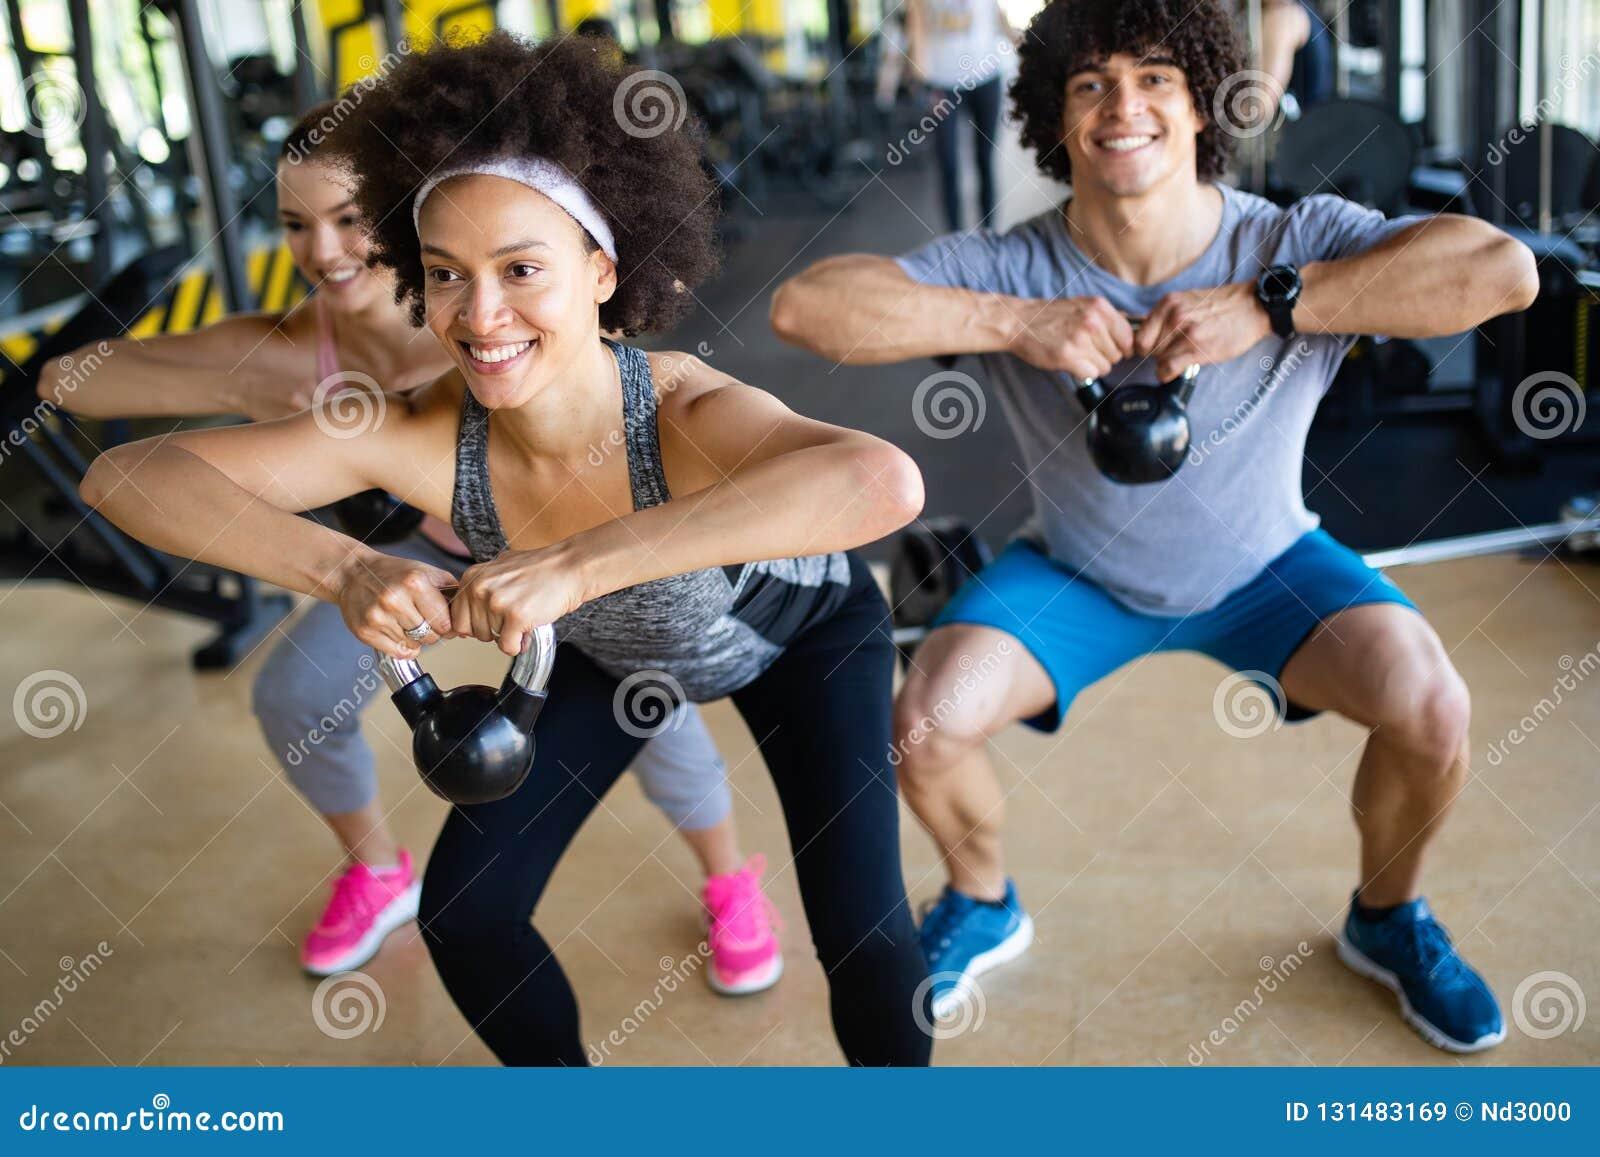 Gruppe sportive Leute in einem Turnhallen-Training